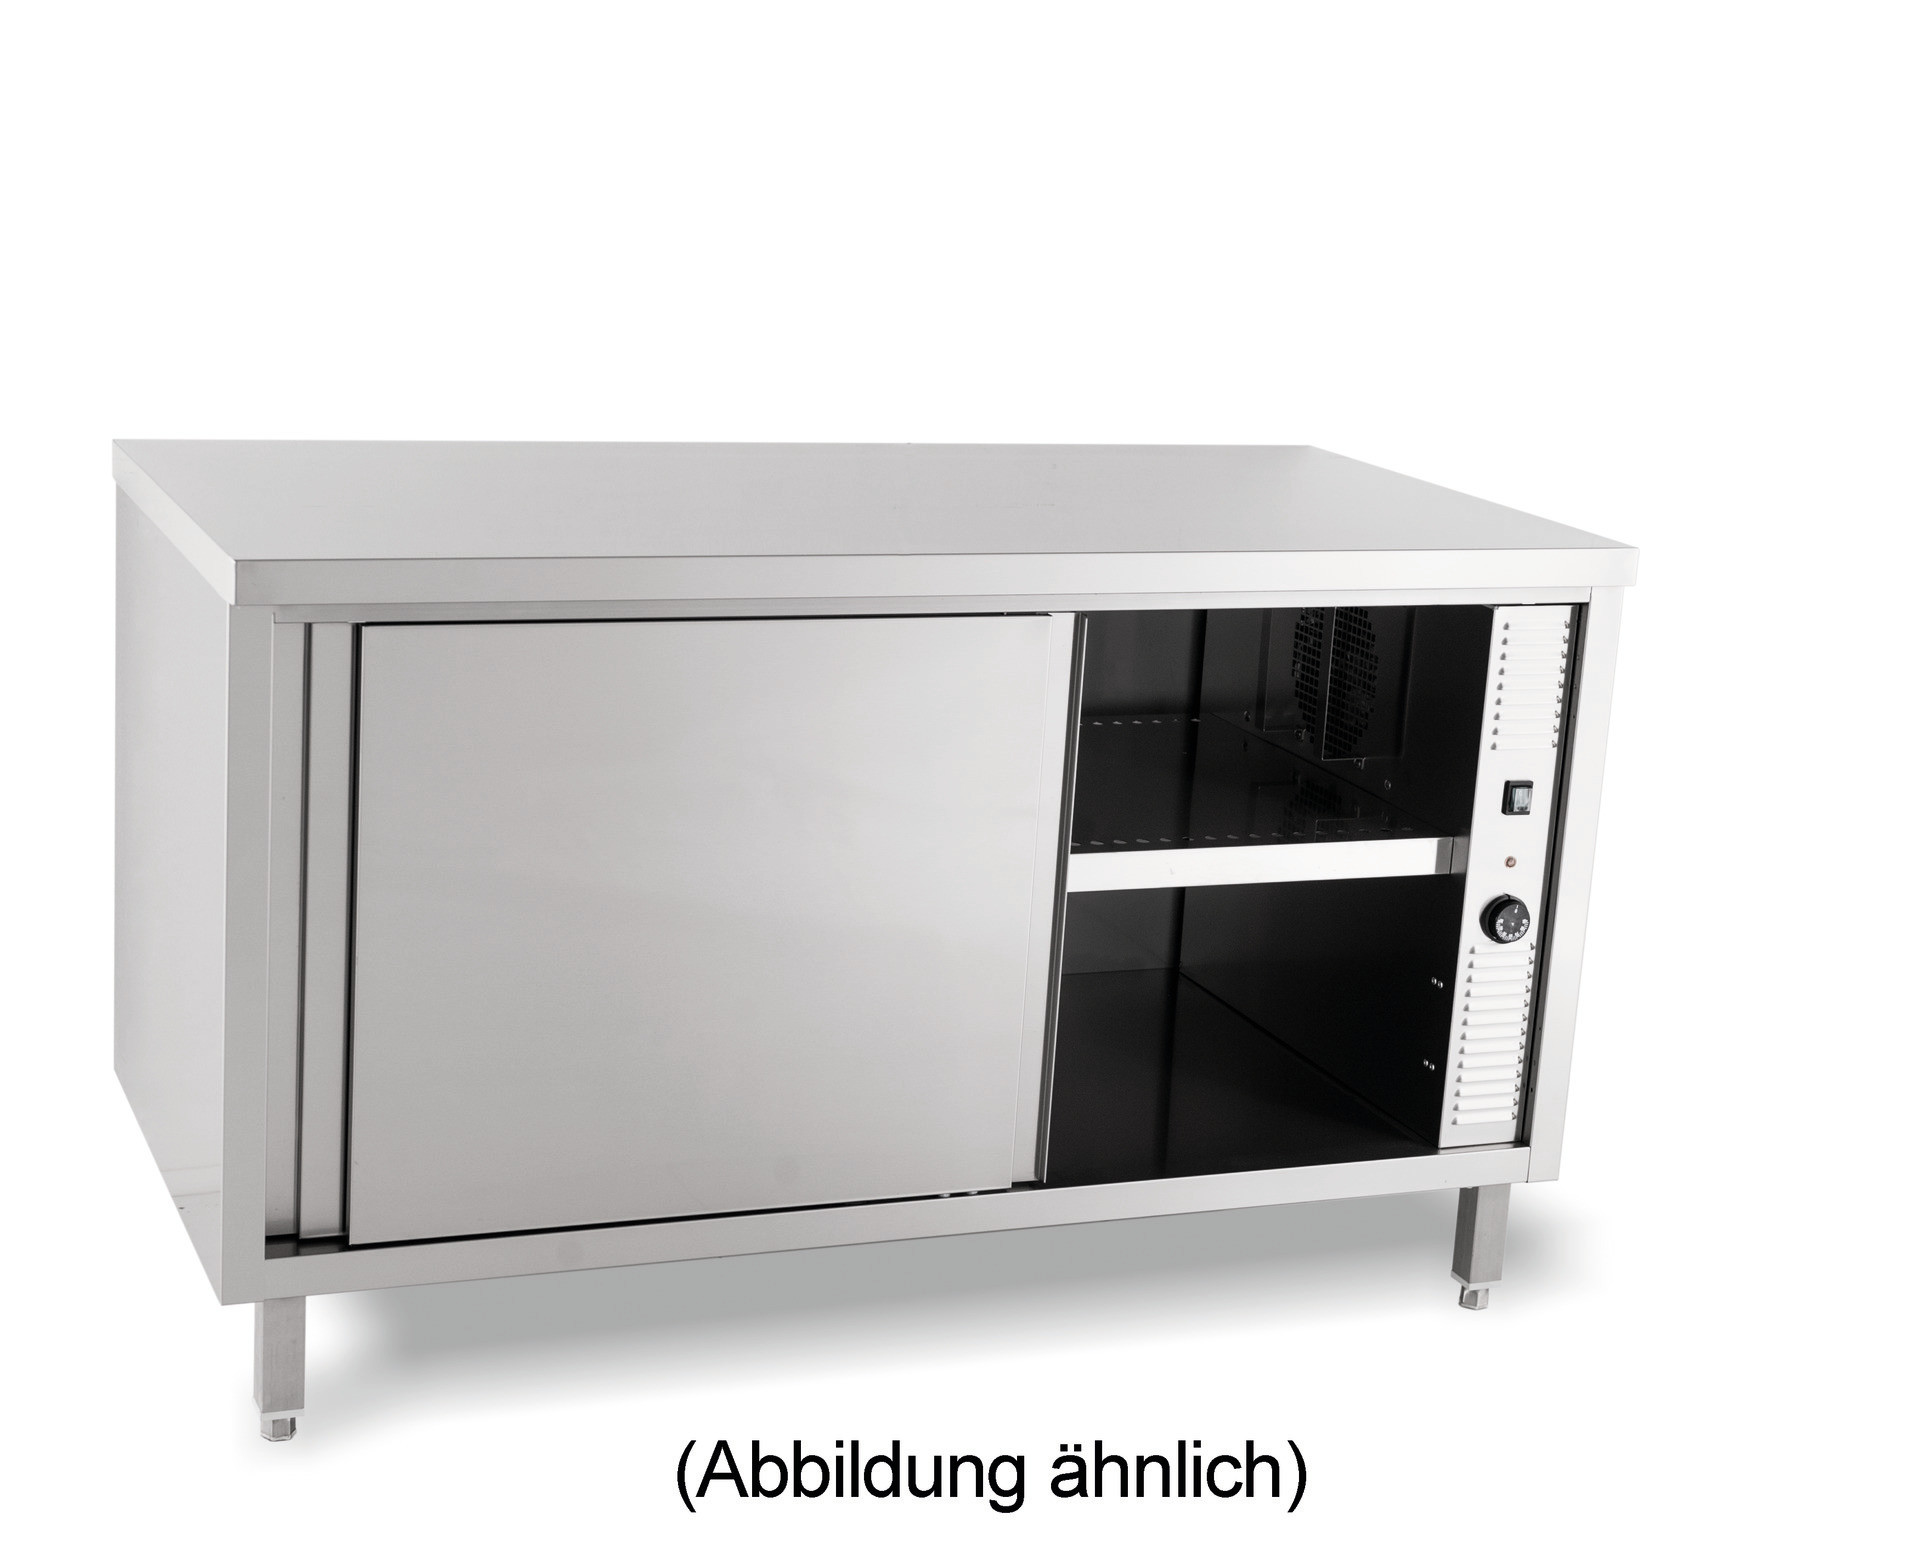 Durchreicheschrank beheizt Schiebetüren ohne Aufkantung 2000 x 600 x 850 mm